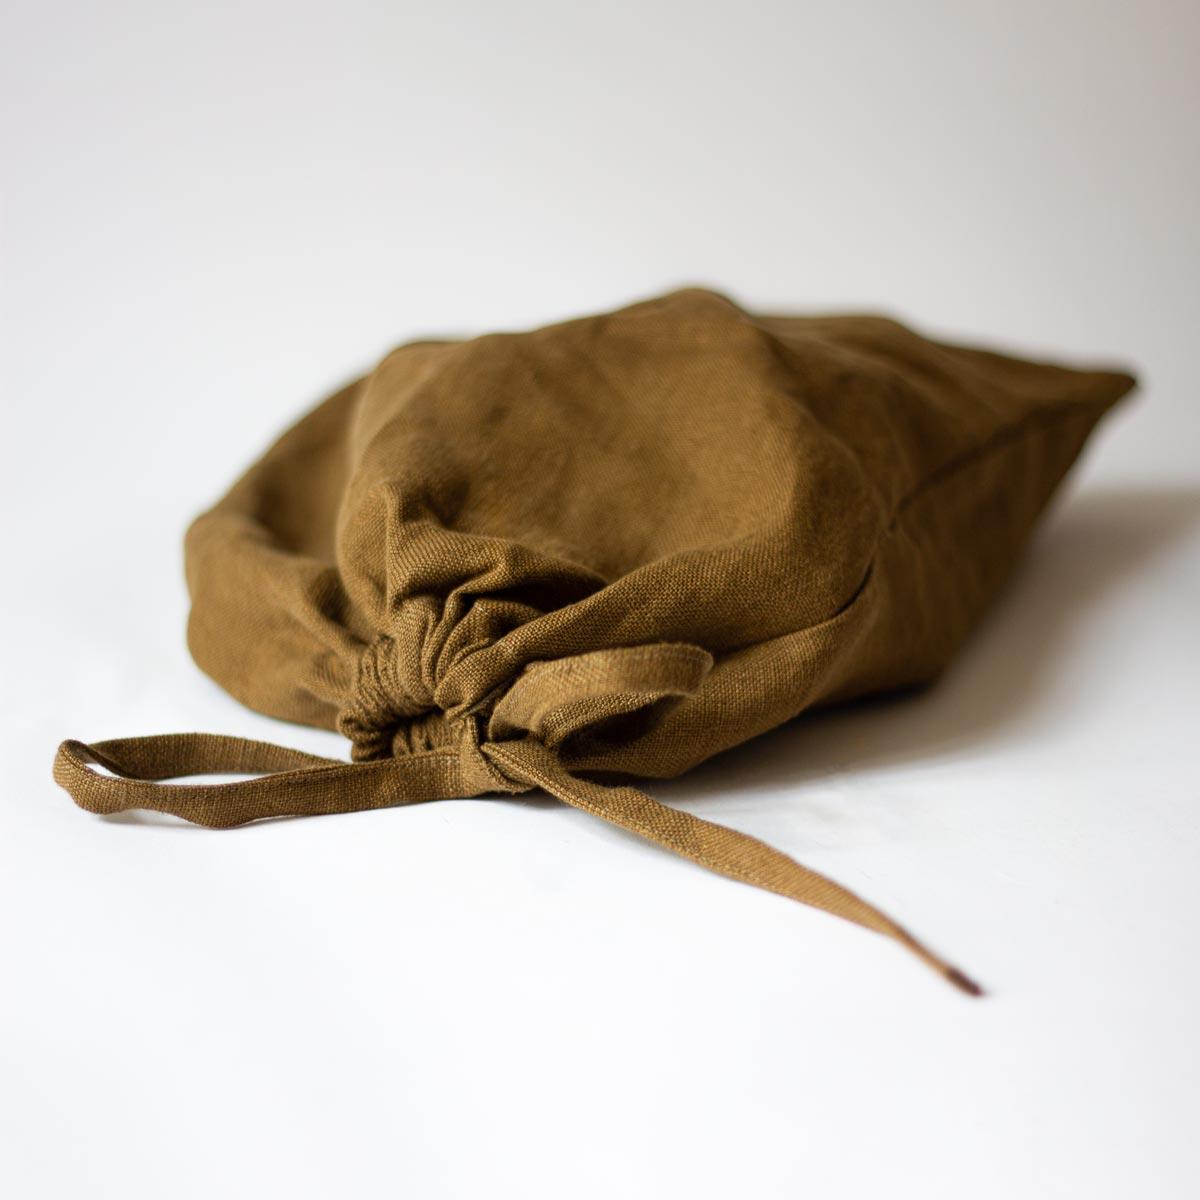 Brun brödpåse i 100% linne. Rena lyxen för ditt nybakta bröd!